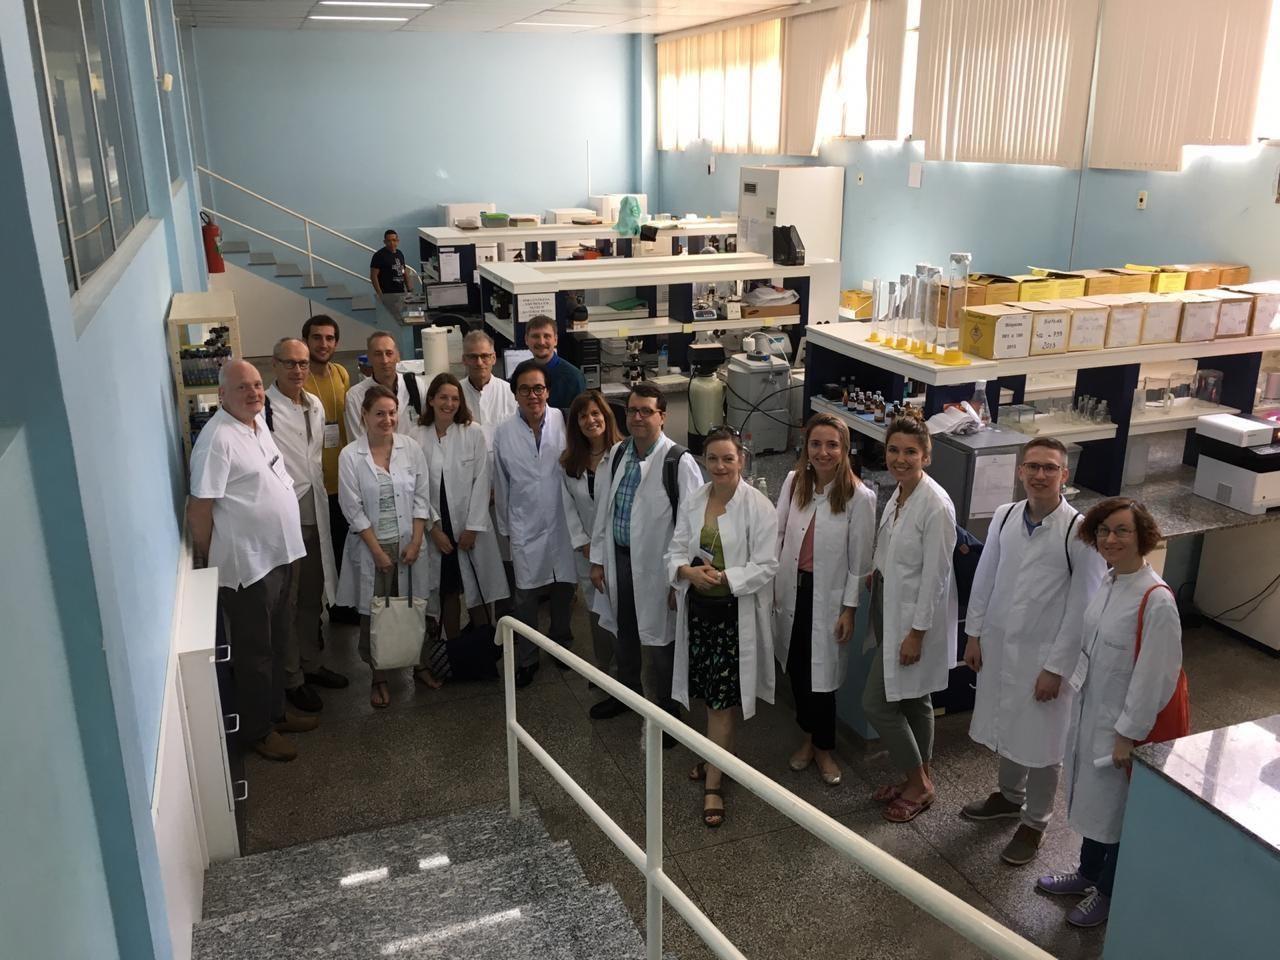 Médicos europeus iniciam curso na Fundação de Medicina Tropical, em Manaus - Notícias - Plantão Diário